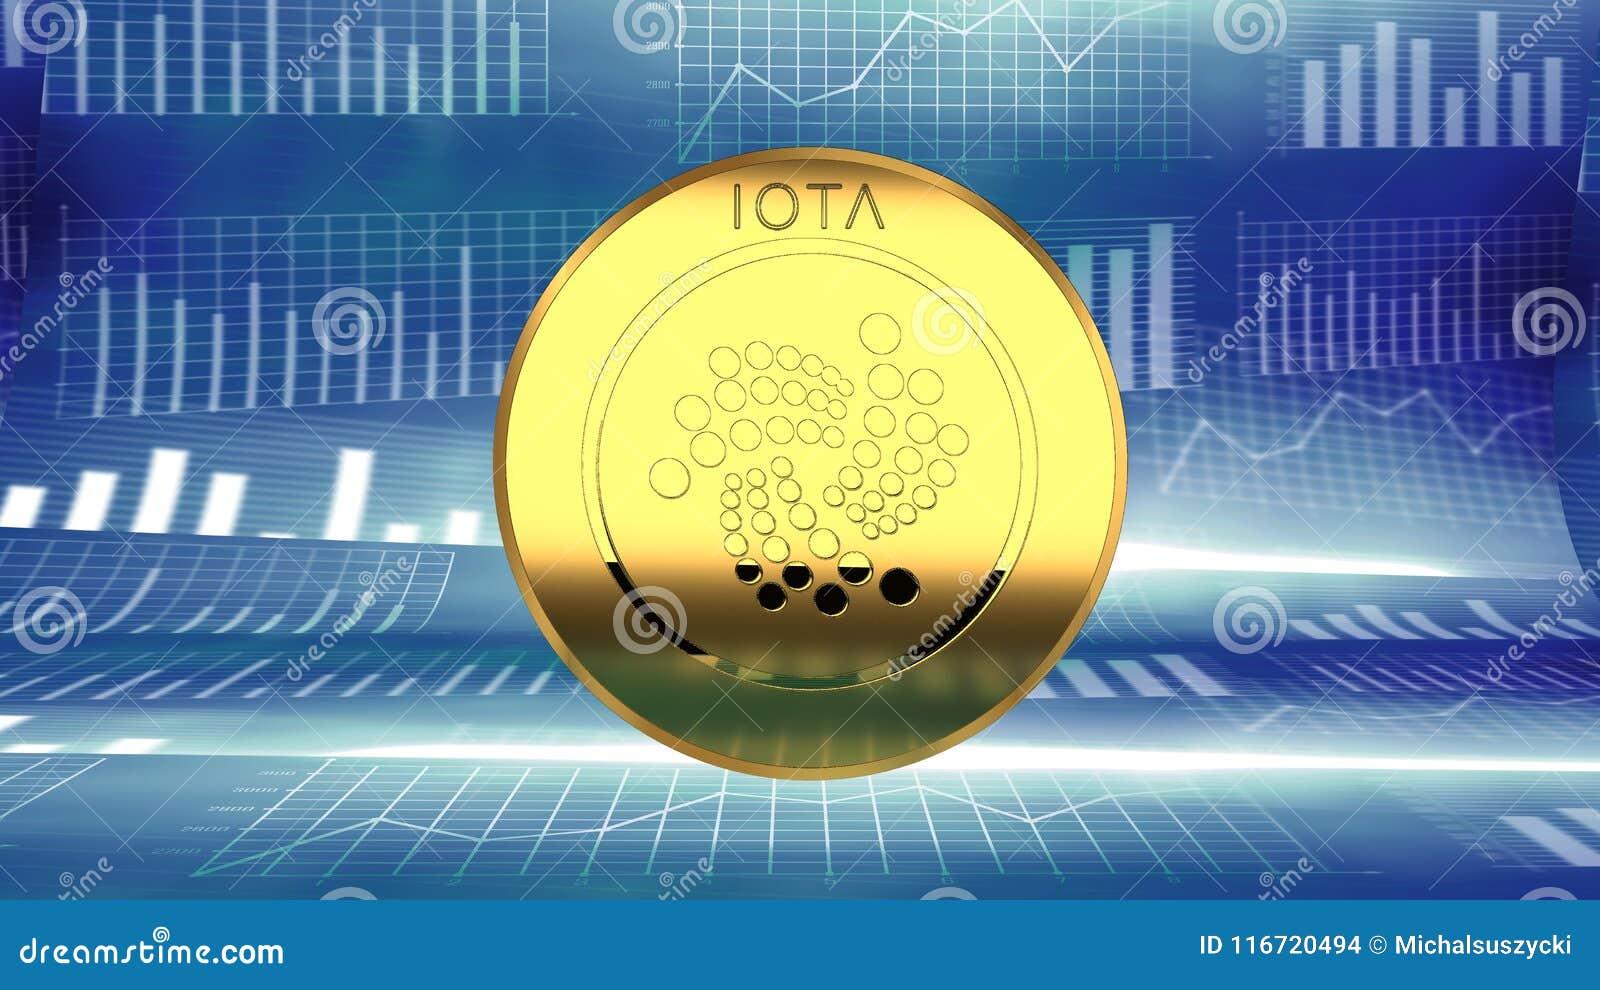 moeda digital iota valor